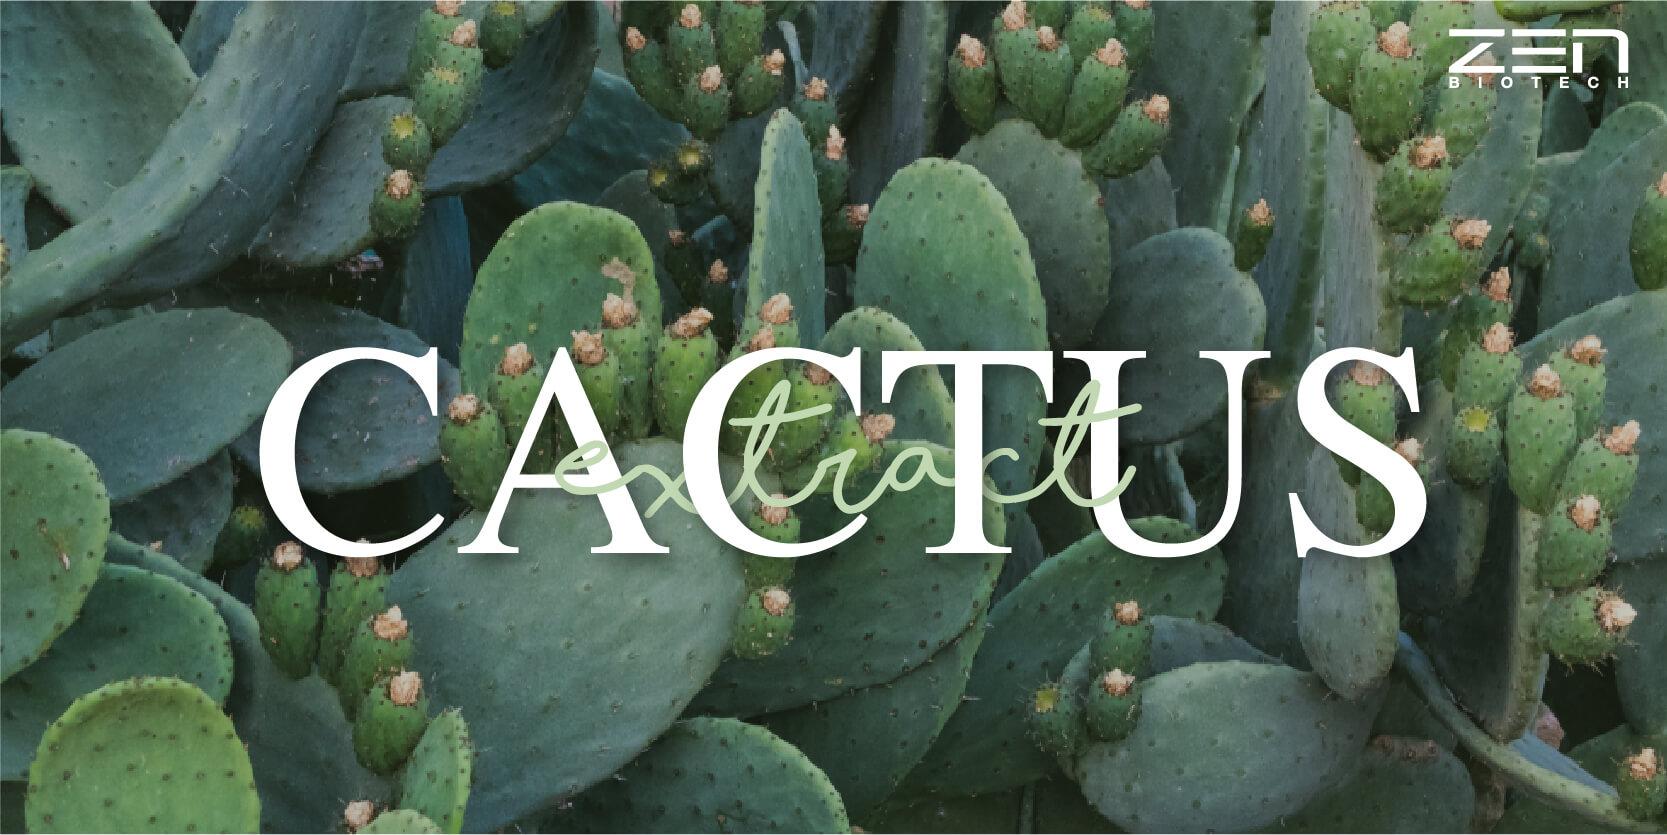 สารสกัดจากกระบองเพชร Cactus Extract